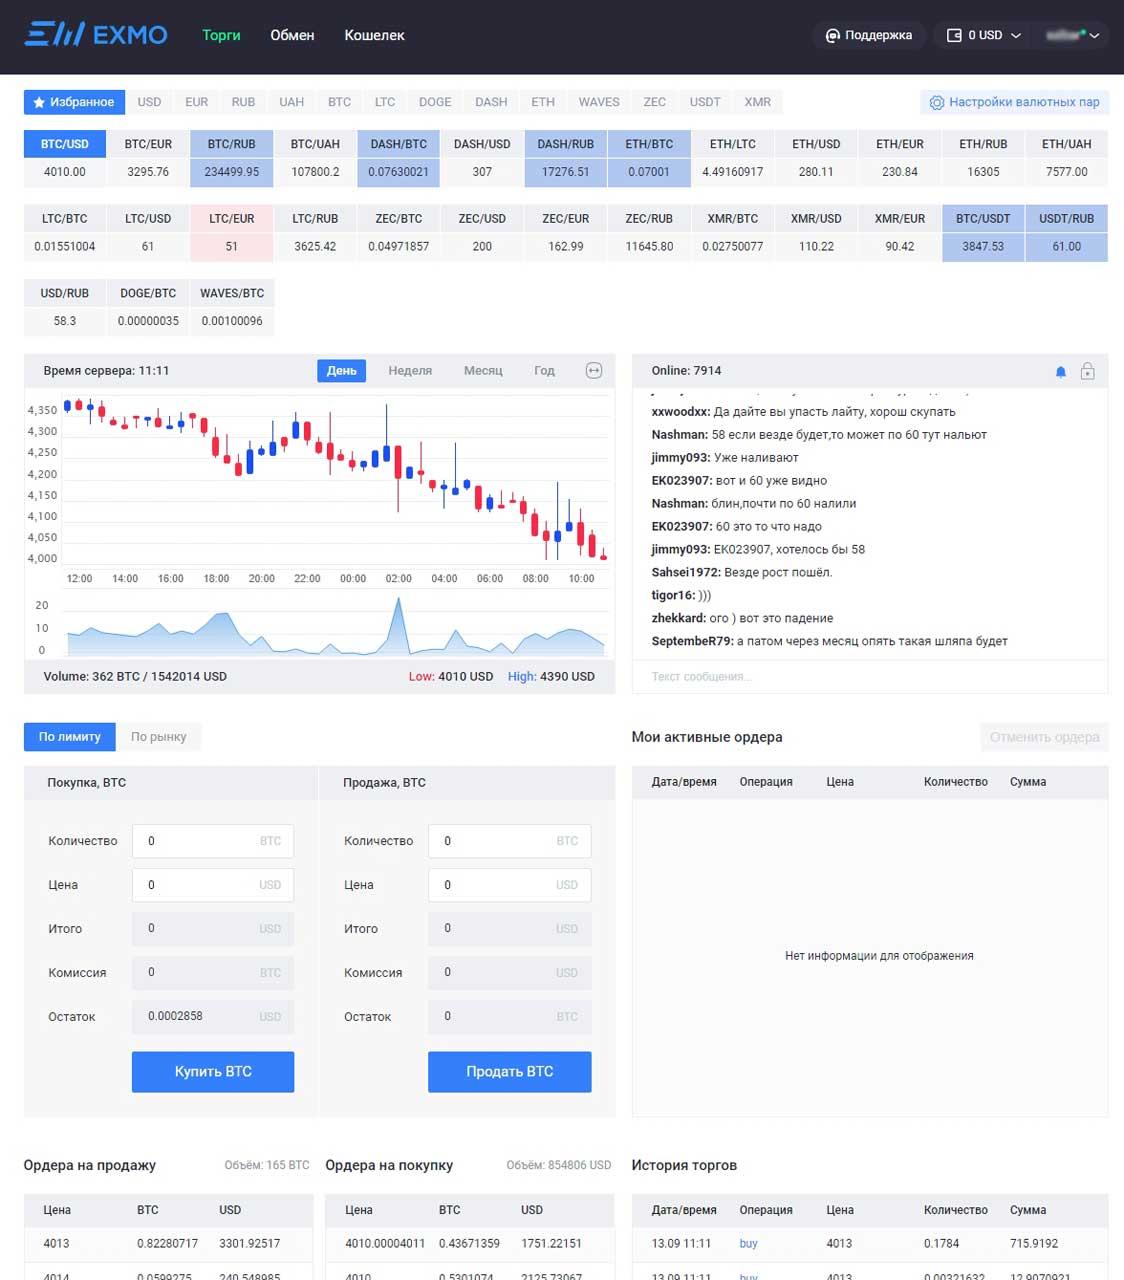 Торговля на бирже exmo.